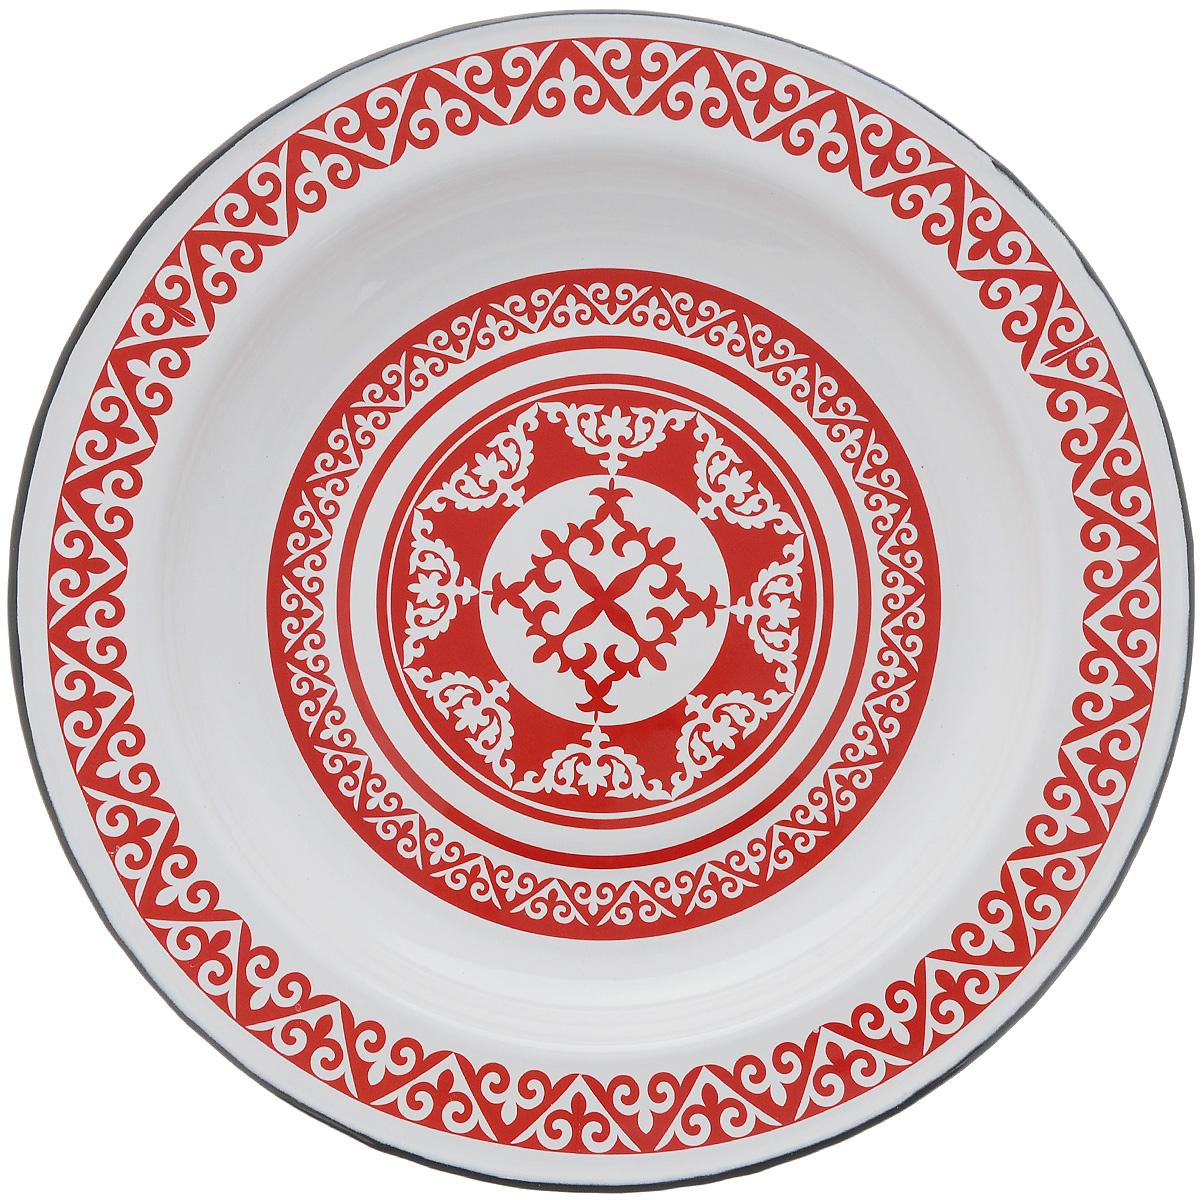 Блюдо СтальЭмаль Айша, диаметр 35,5 смVT-1520(SR)Оригинальное СтальЭмаль Айша, изготовленное из эмалированной, прекрасно подойдет для подачи нарезок, закусок и других блюд. Блюдо декорировано красивым узором. Оно украсит ваш кухонный стол, а также станет замечательным подарком к любому празднику.Диаметр блюда: 35,5 см. Высота стенки: 3,5 см.